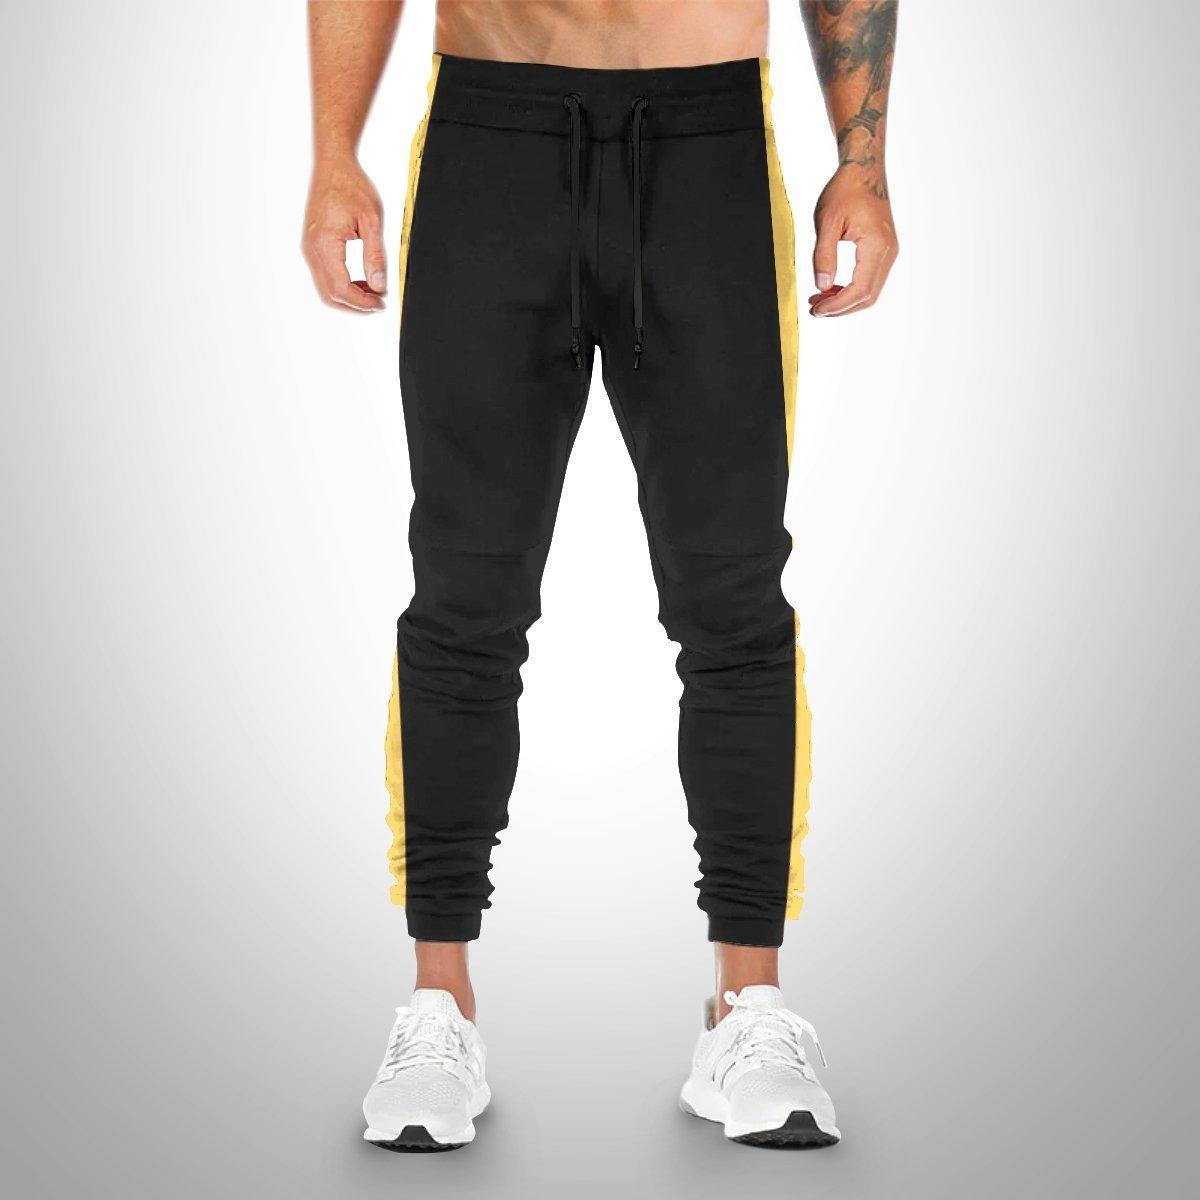 re zero subaru natsuki jogger pants 187022 - Otaku Treat